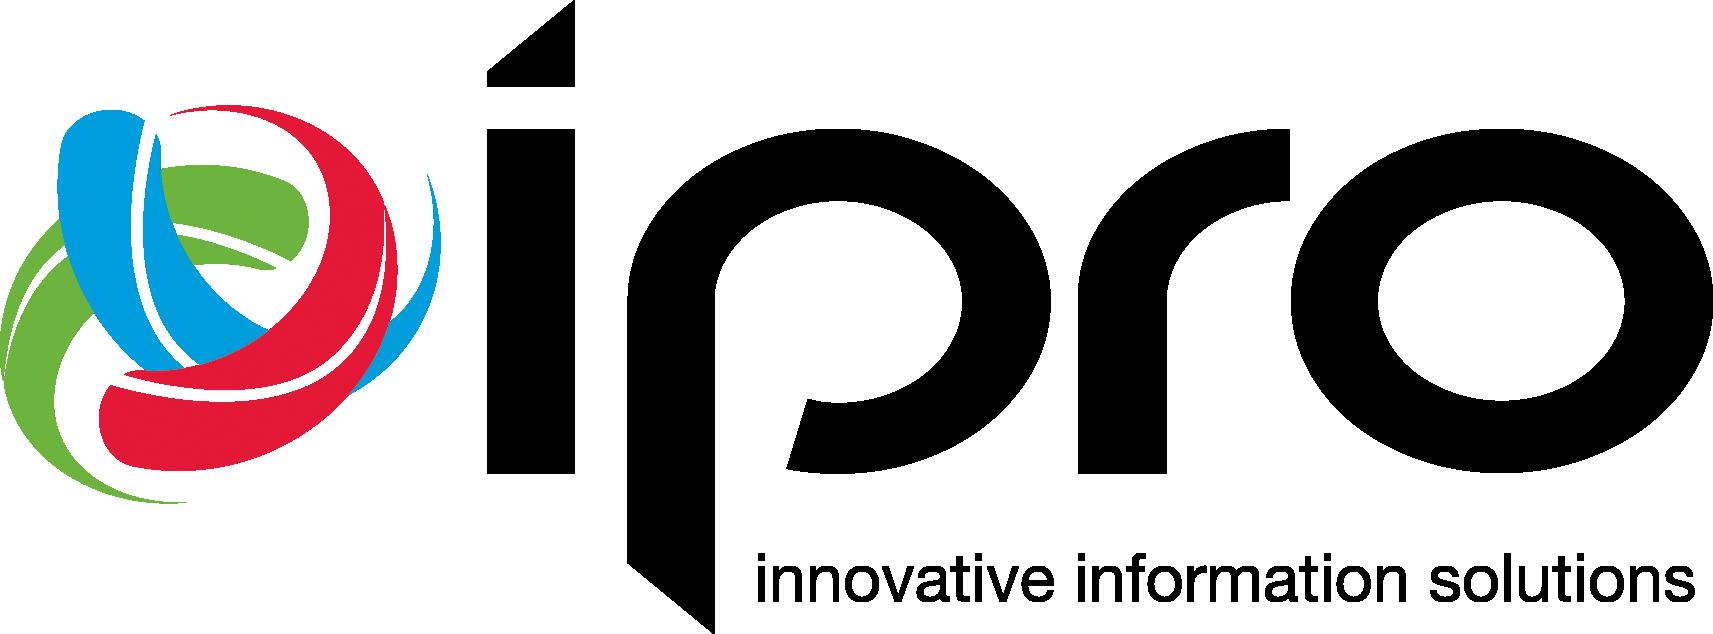 ipro_logo_rgb_png.png